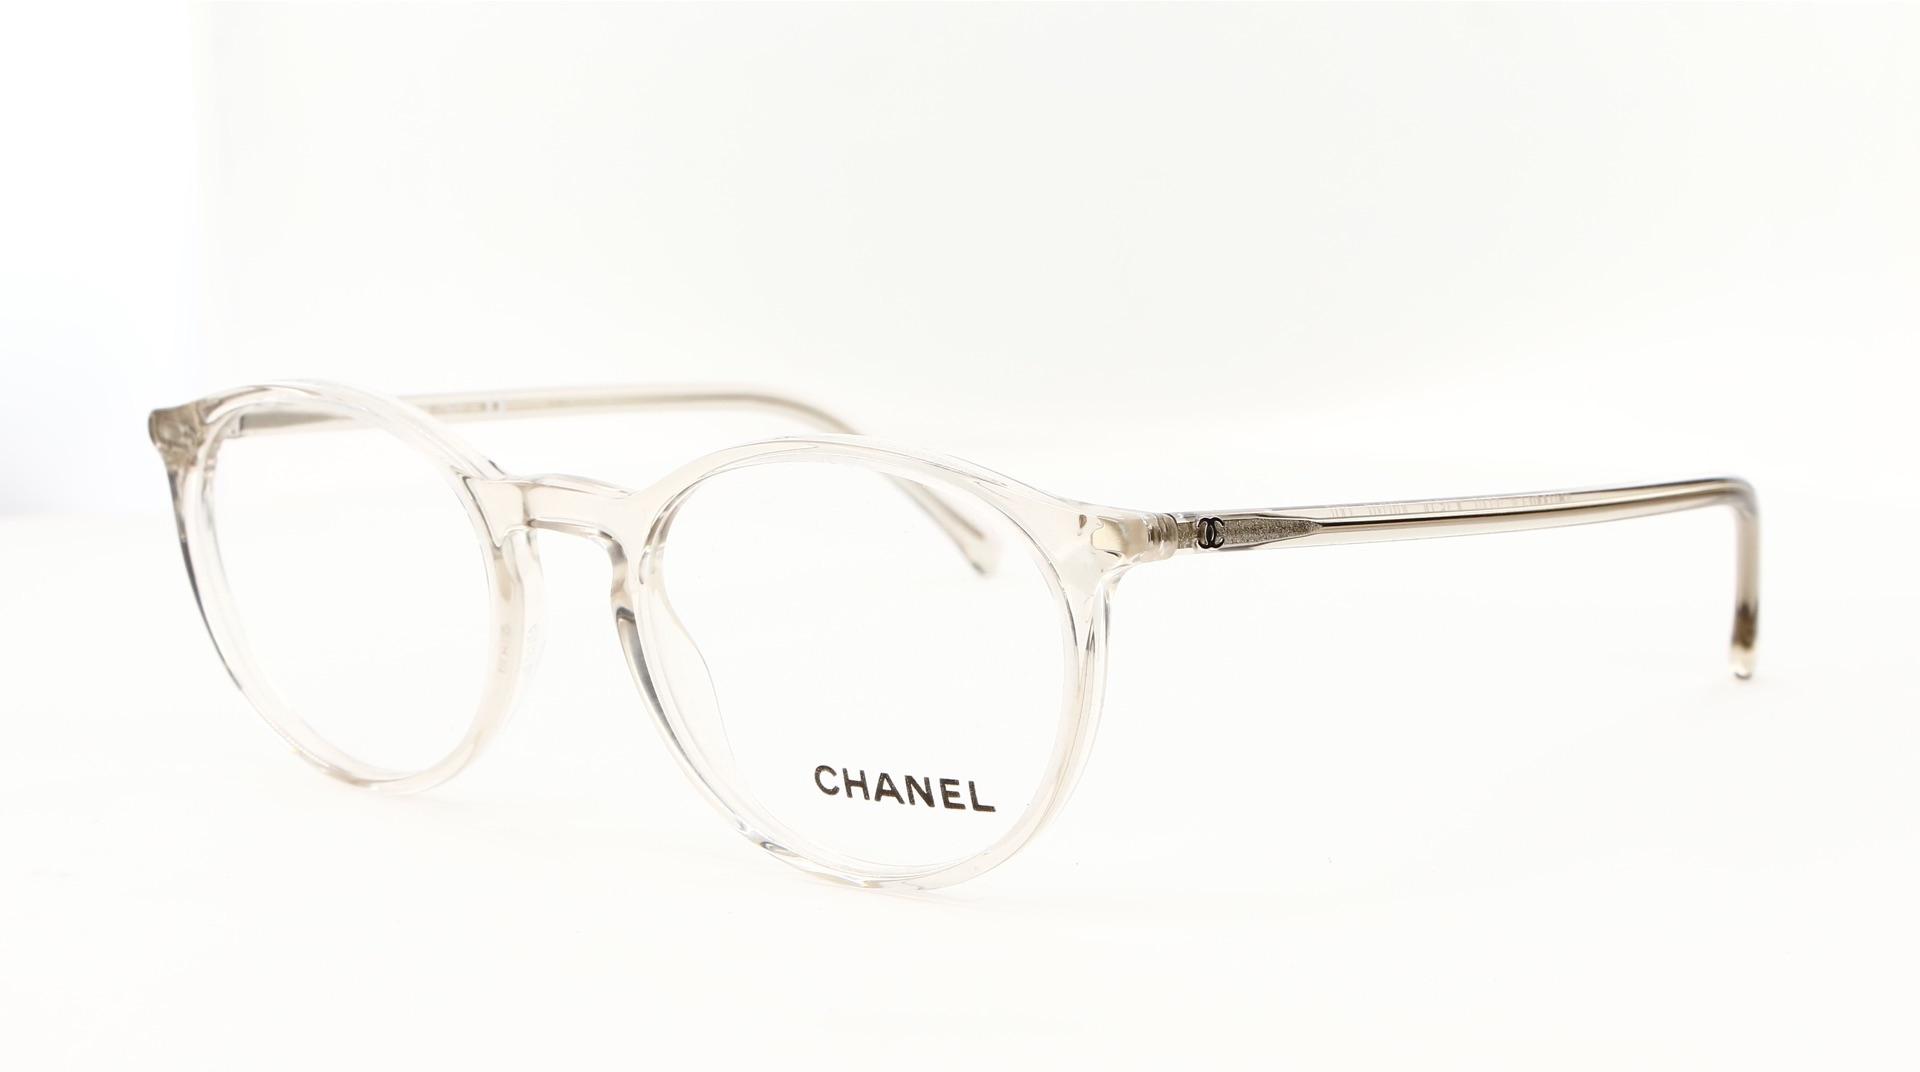 Chanel - ref: 80713